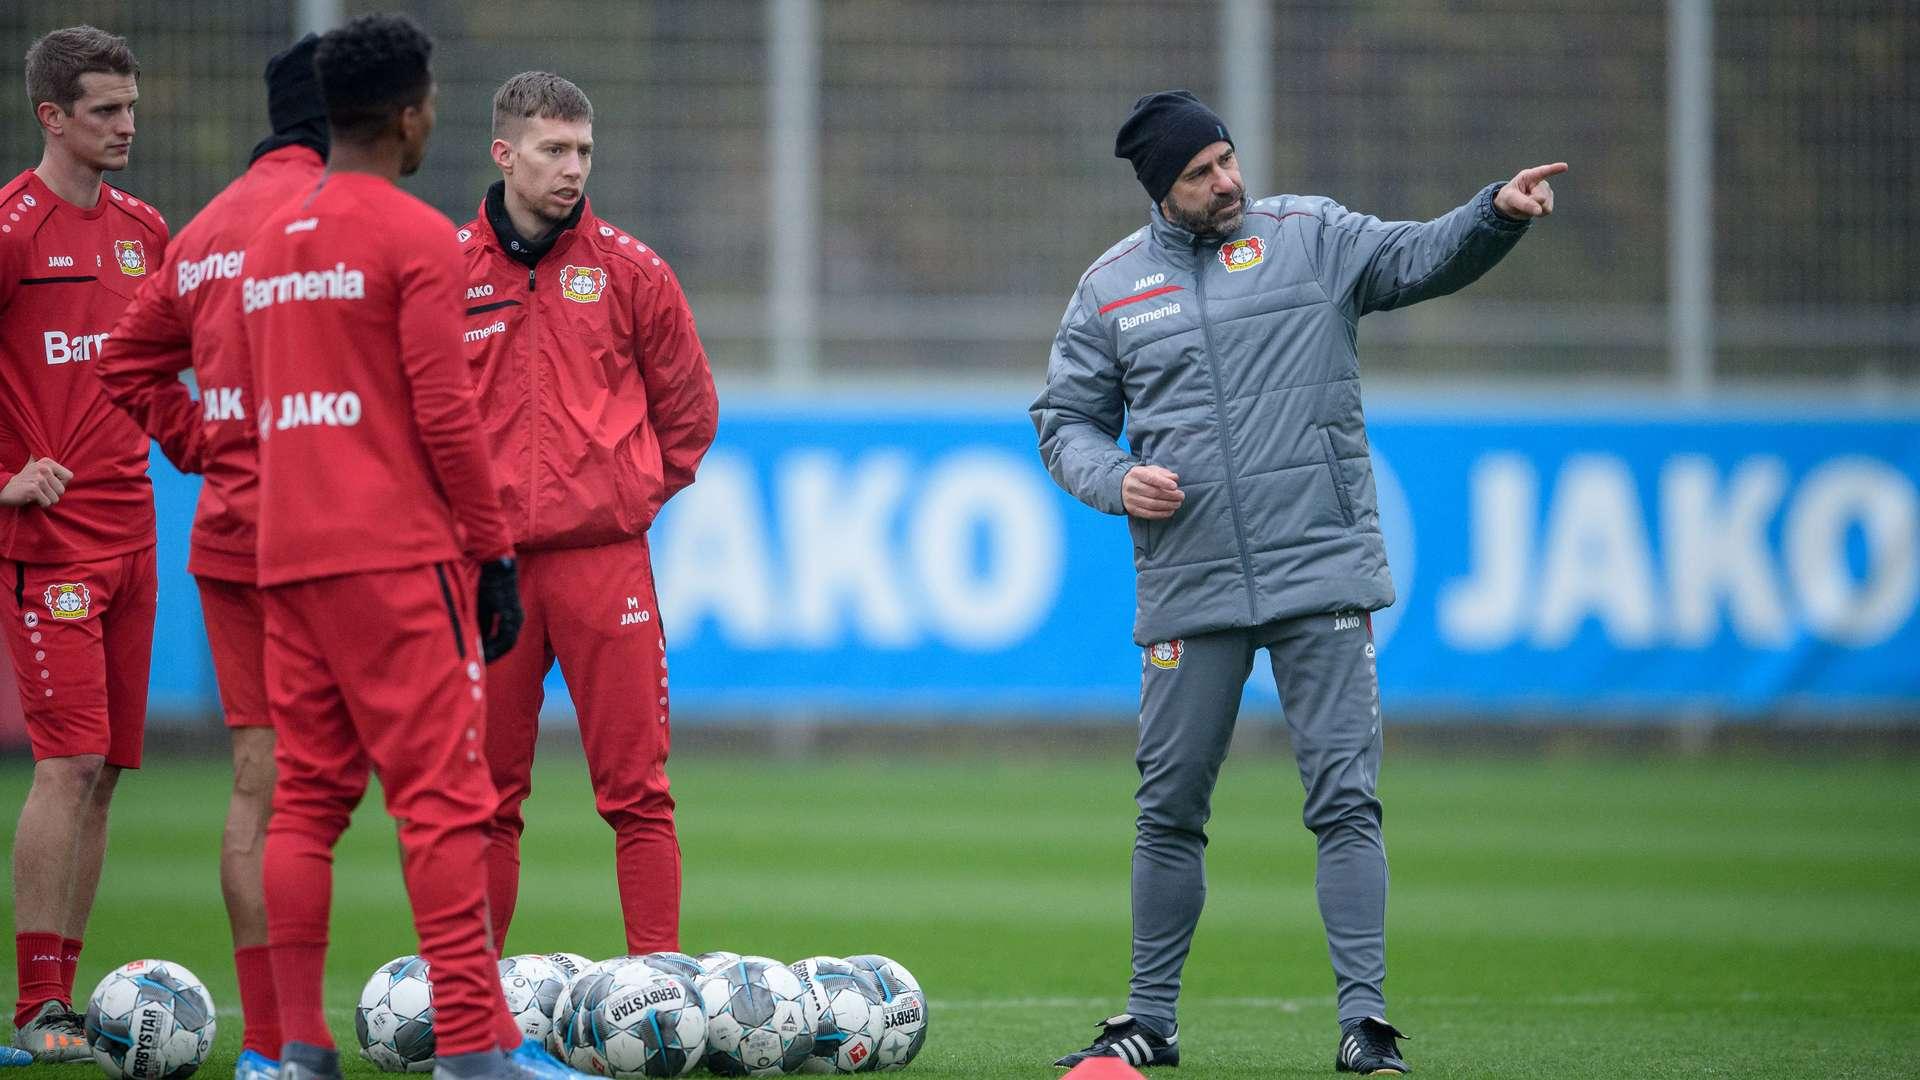 Bayer 04 Leverkusen Fussball Gmbh Bayer04 De